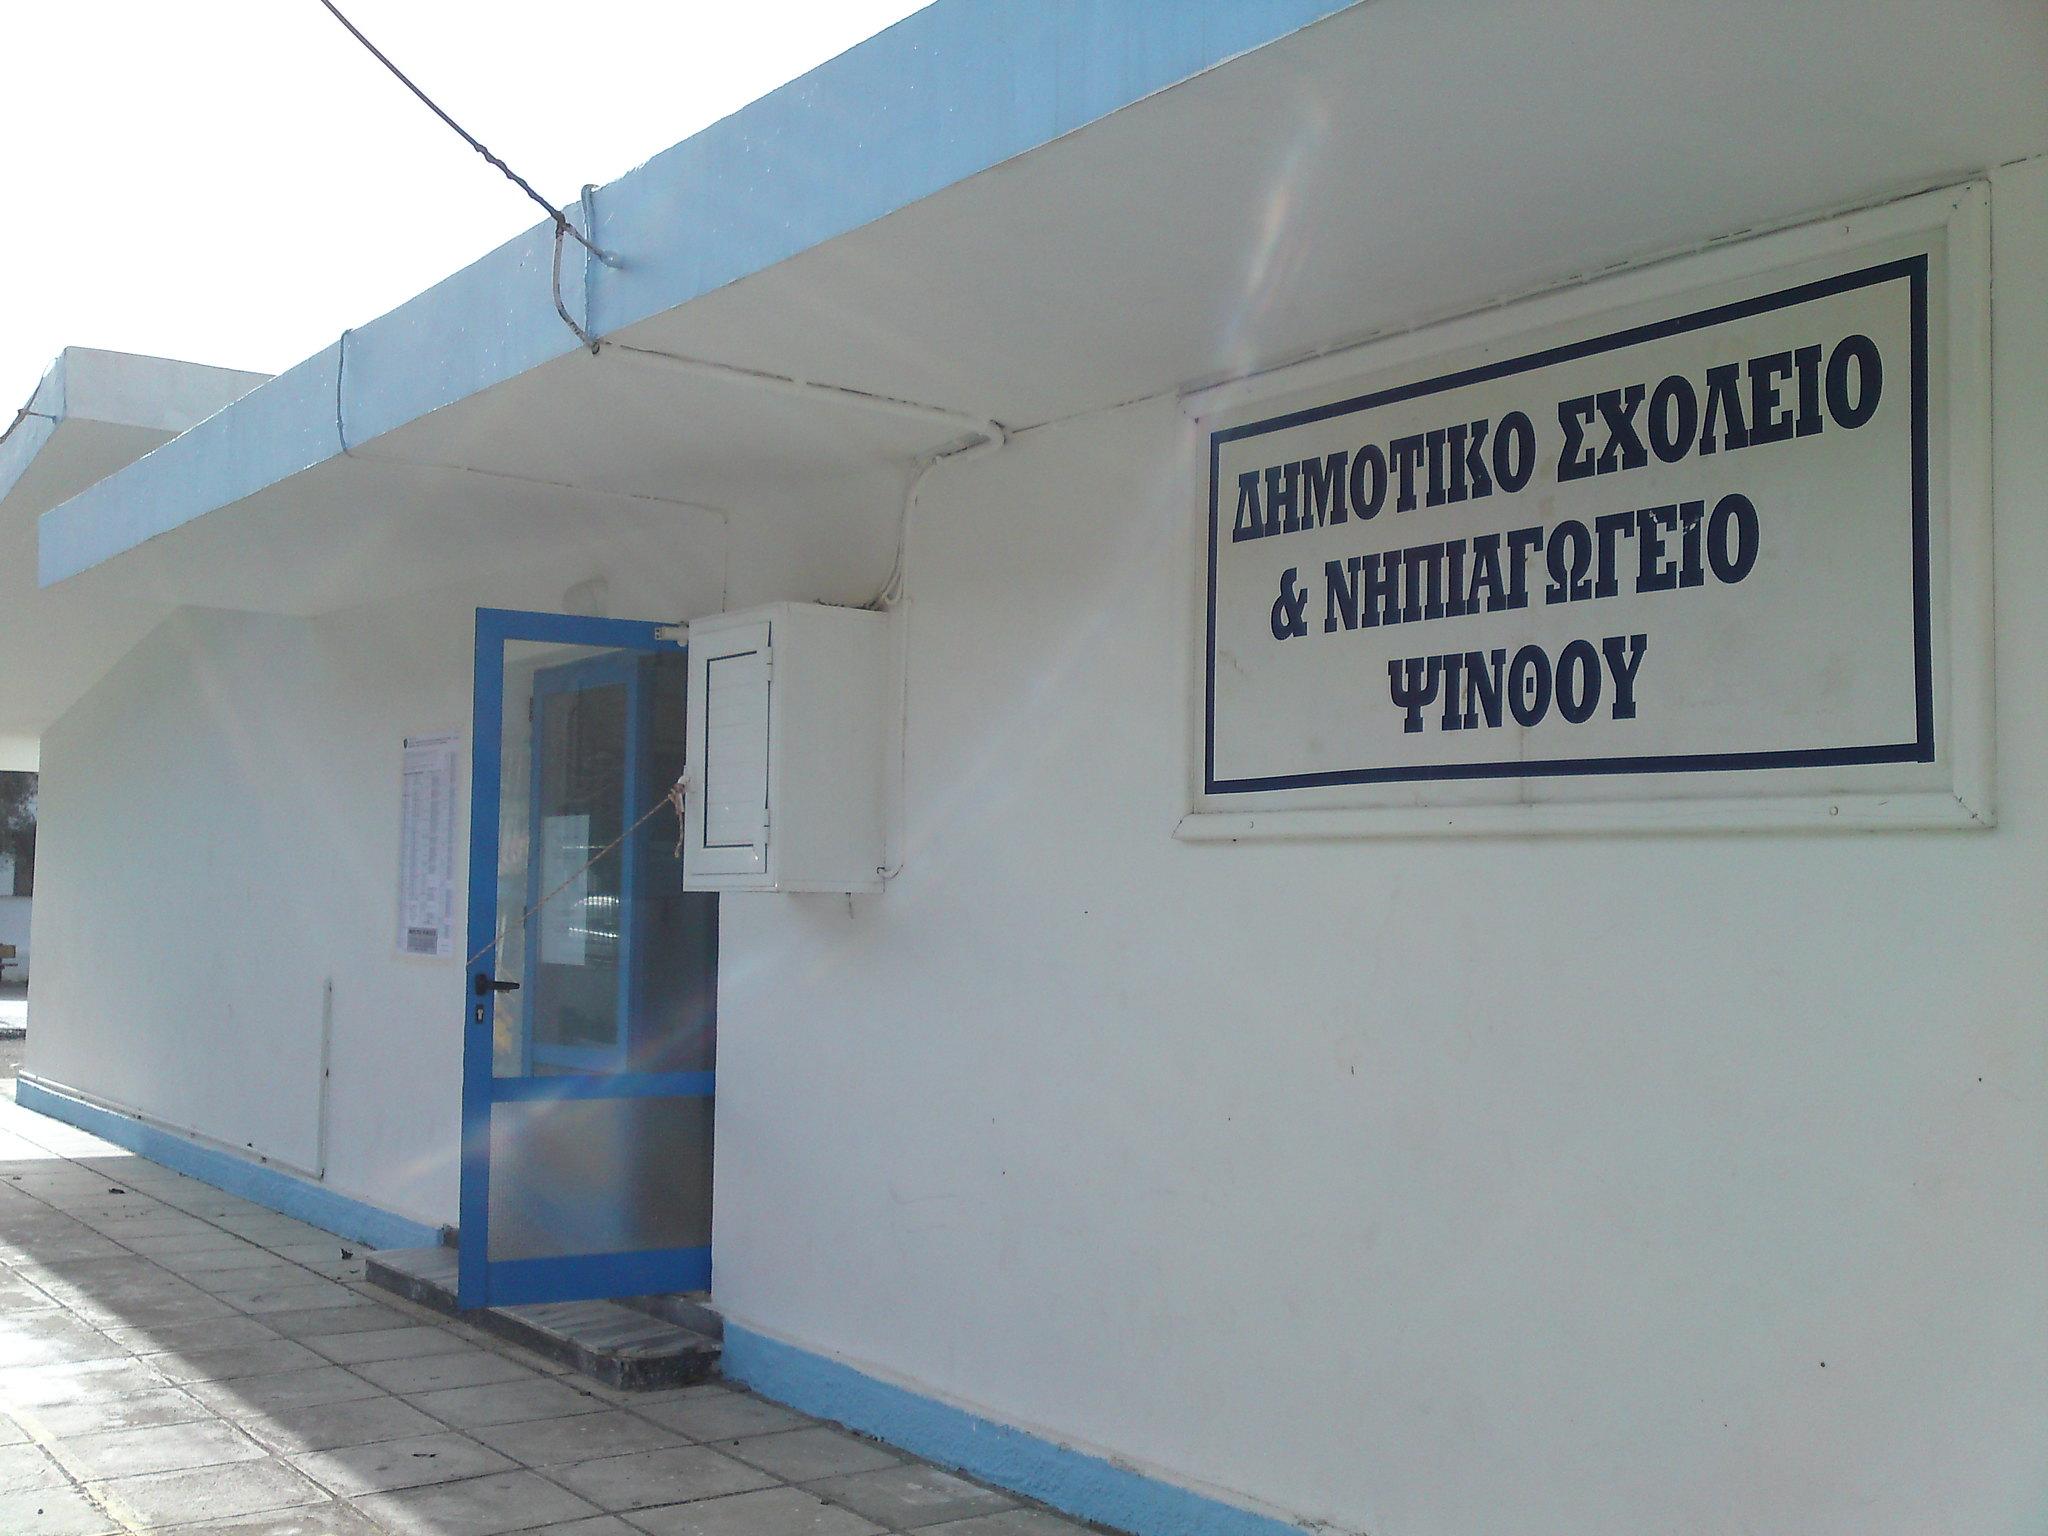 Βουλευτικές Εκλογές 2015 - Ψίνθος